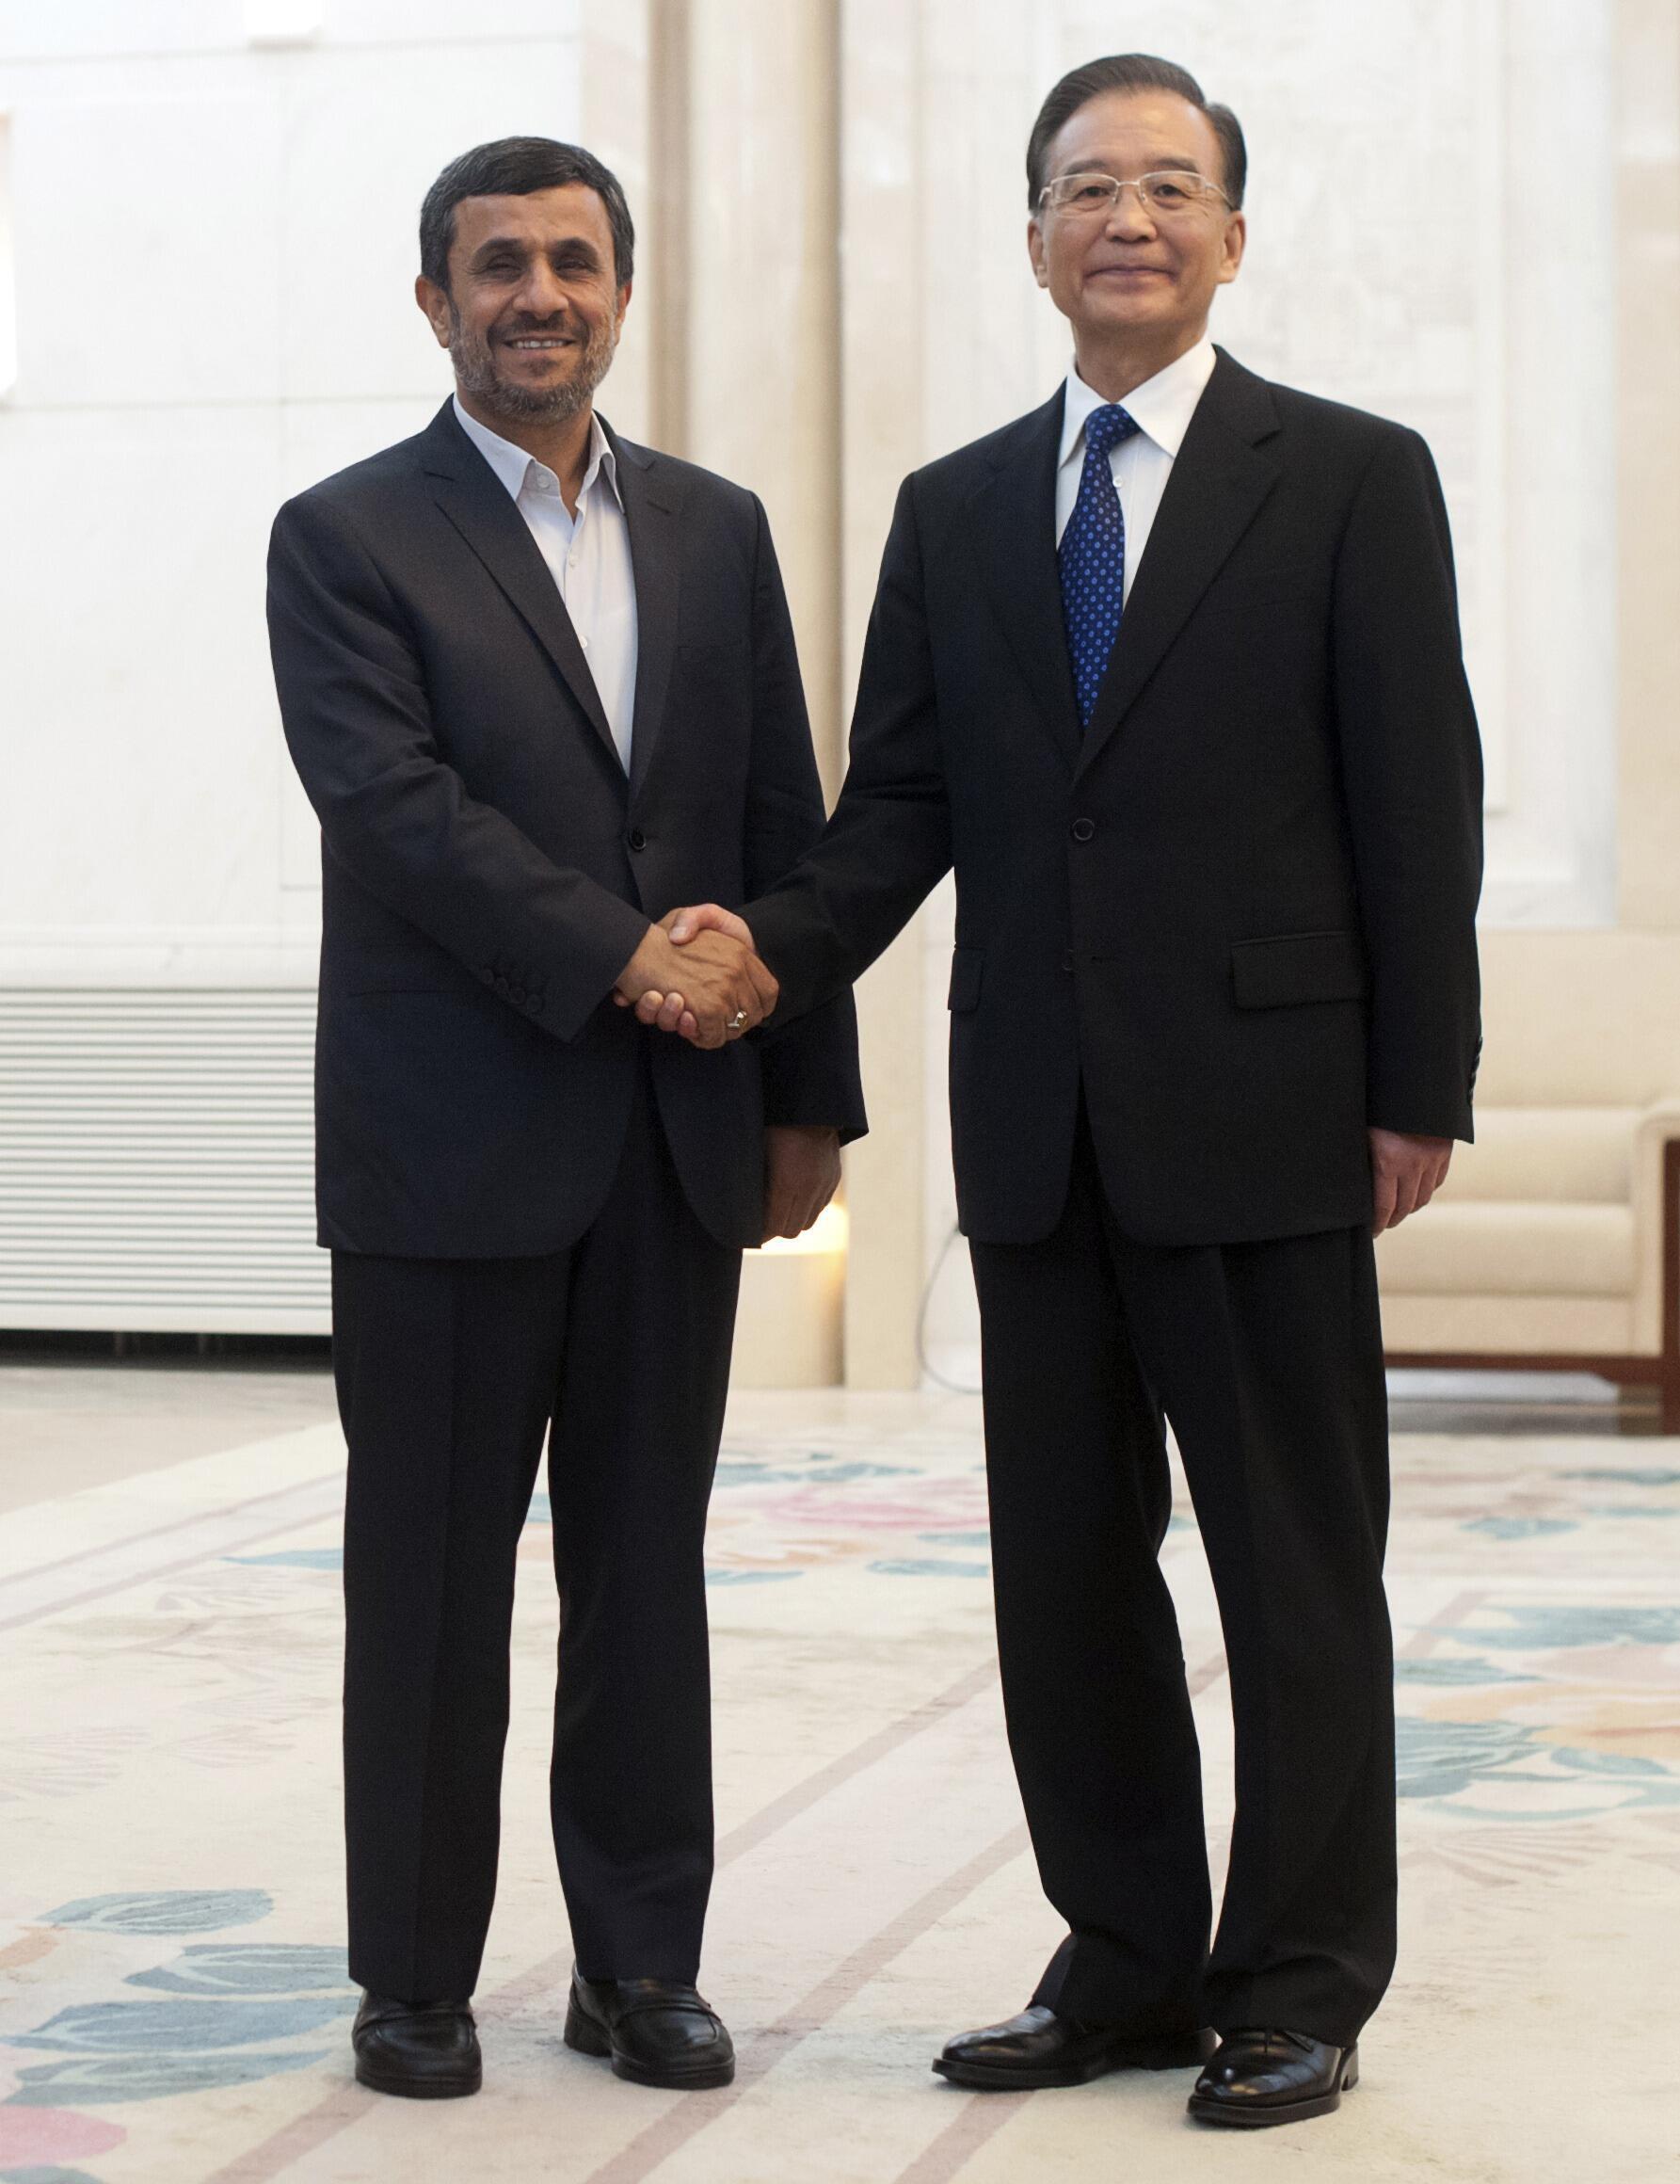 O primeiro-ministro chinês Wen Jiabao estará presente no encontro de chefes de Estado e de governo durante a Rio+20.